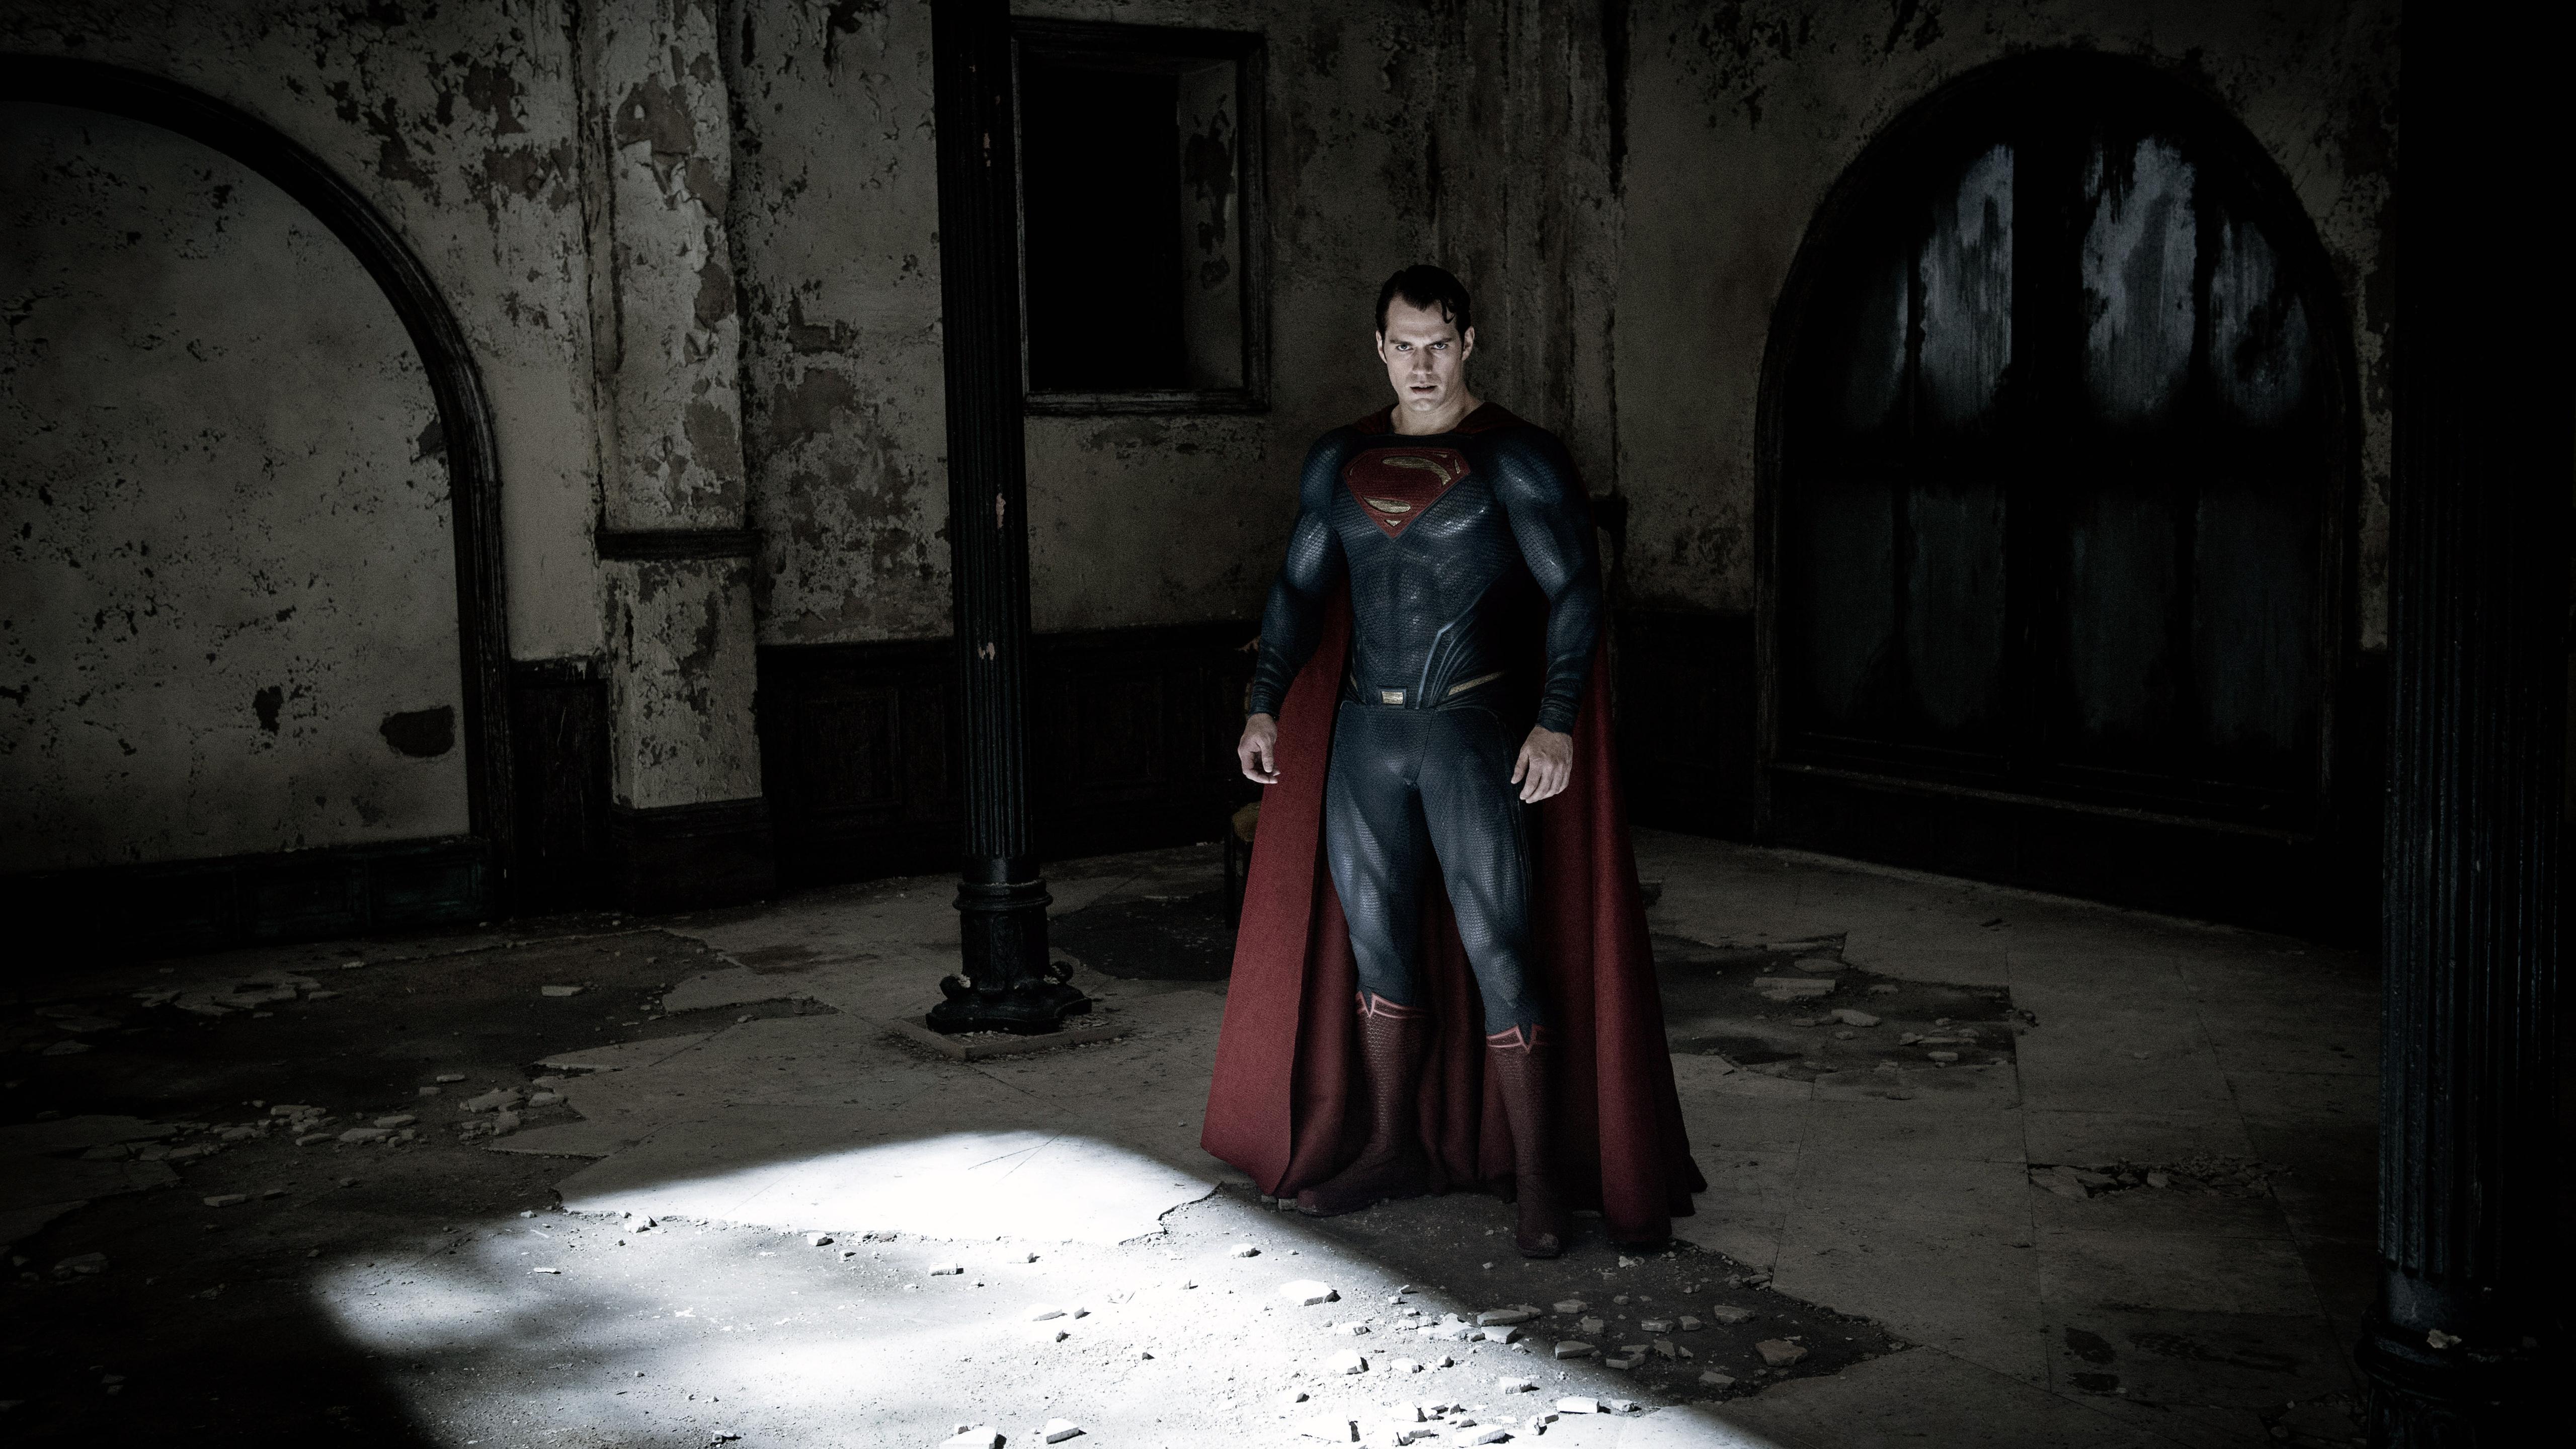 Супермена Генри кавилл. обои скачать